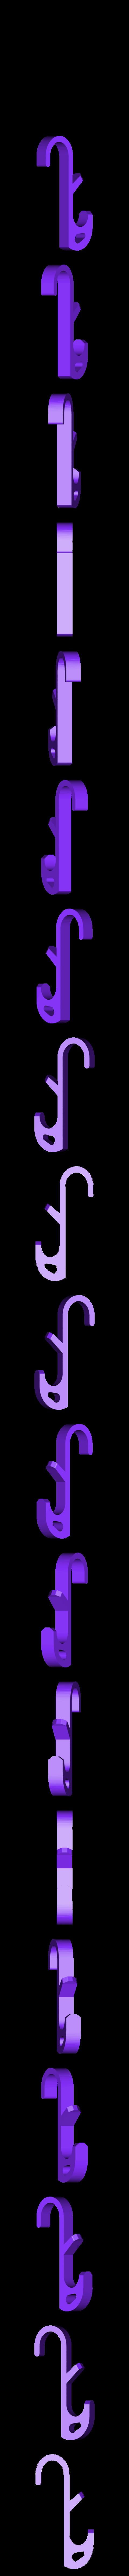 HOOK_v1.stl Download free STL file Hook for locker (Gym, School ...) • 3D printable design, Gophy